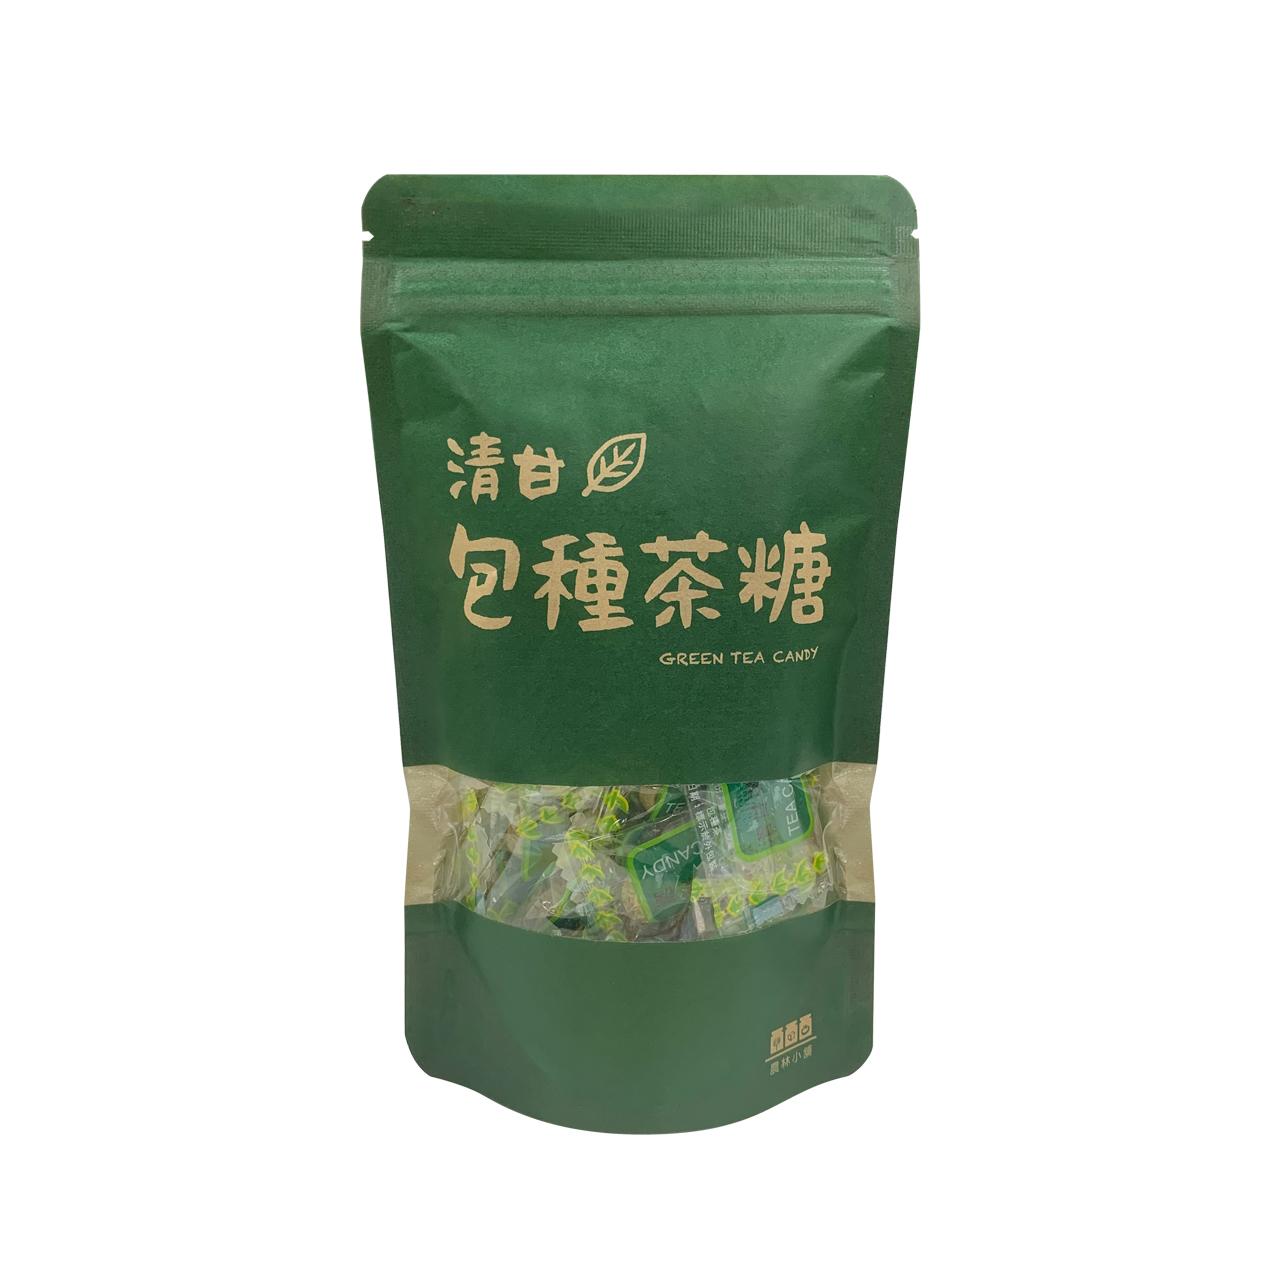 農林小舖-清甘包種茶糖